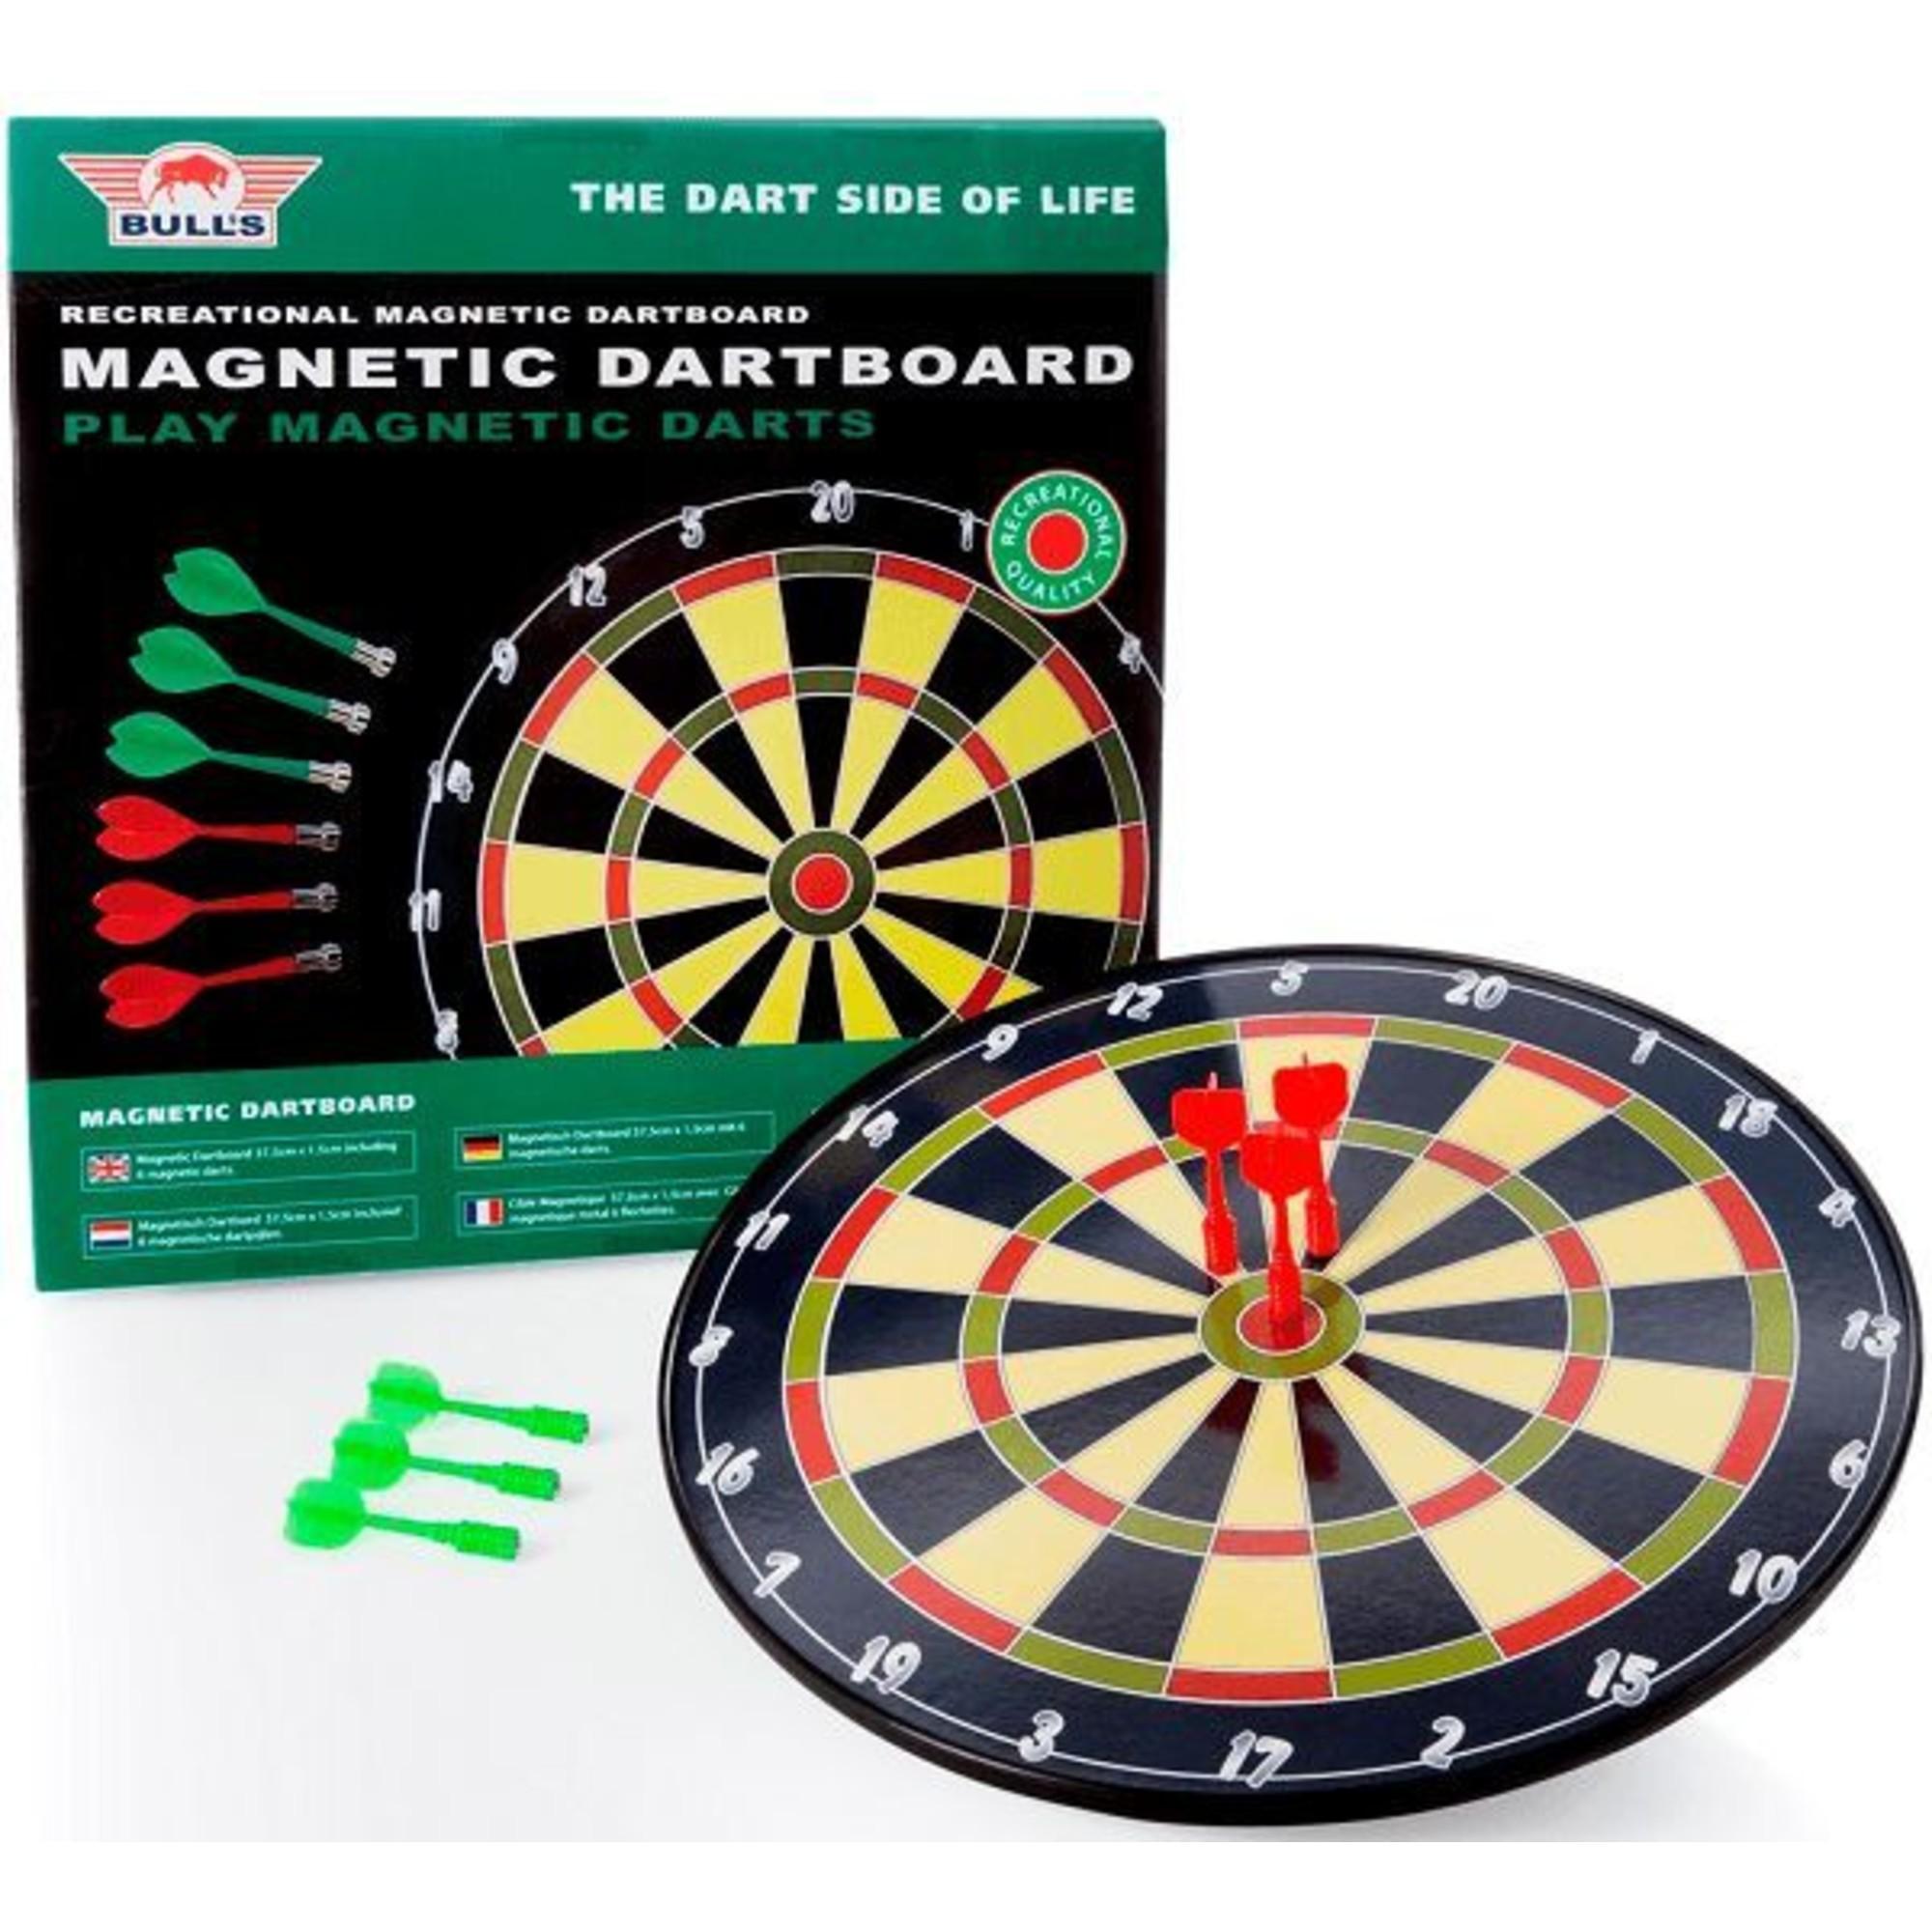 bull 39 s magnetic dartboard. Black Bedroom Furniture Sets. Home Design Ideas